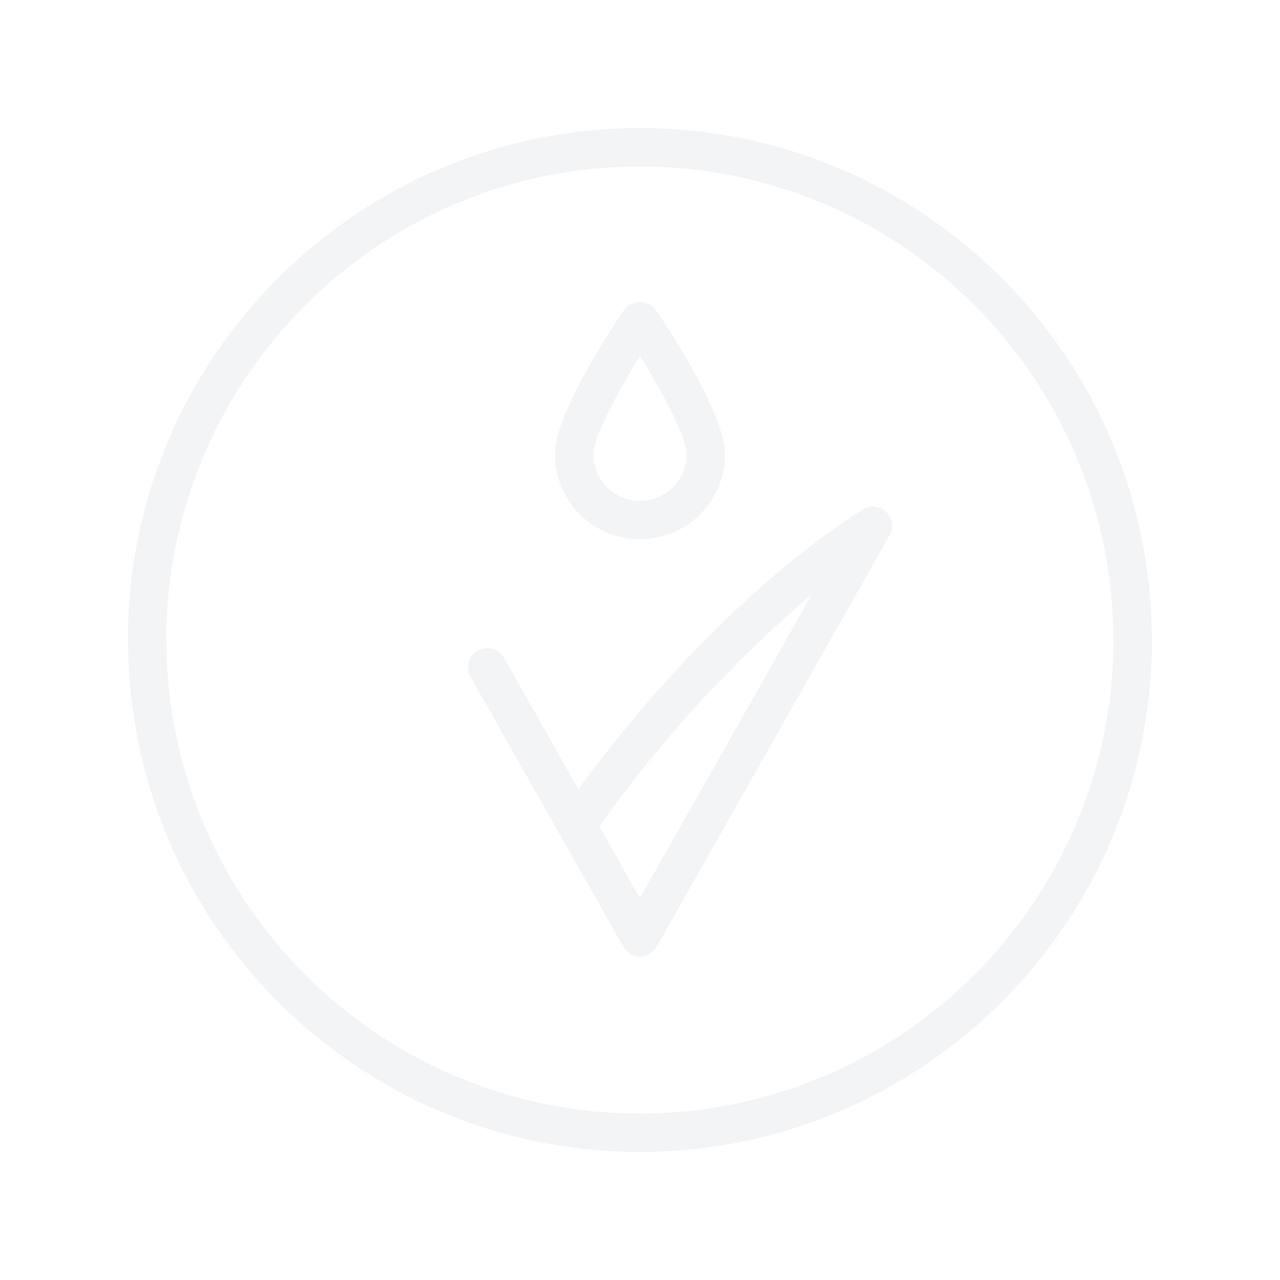 IDUN Minerals Quattro Eyeshadow 4g